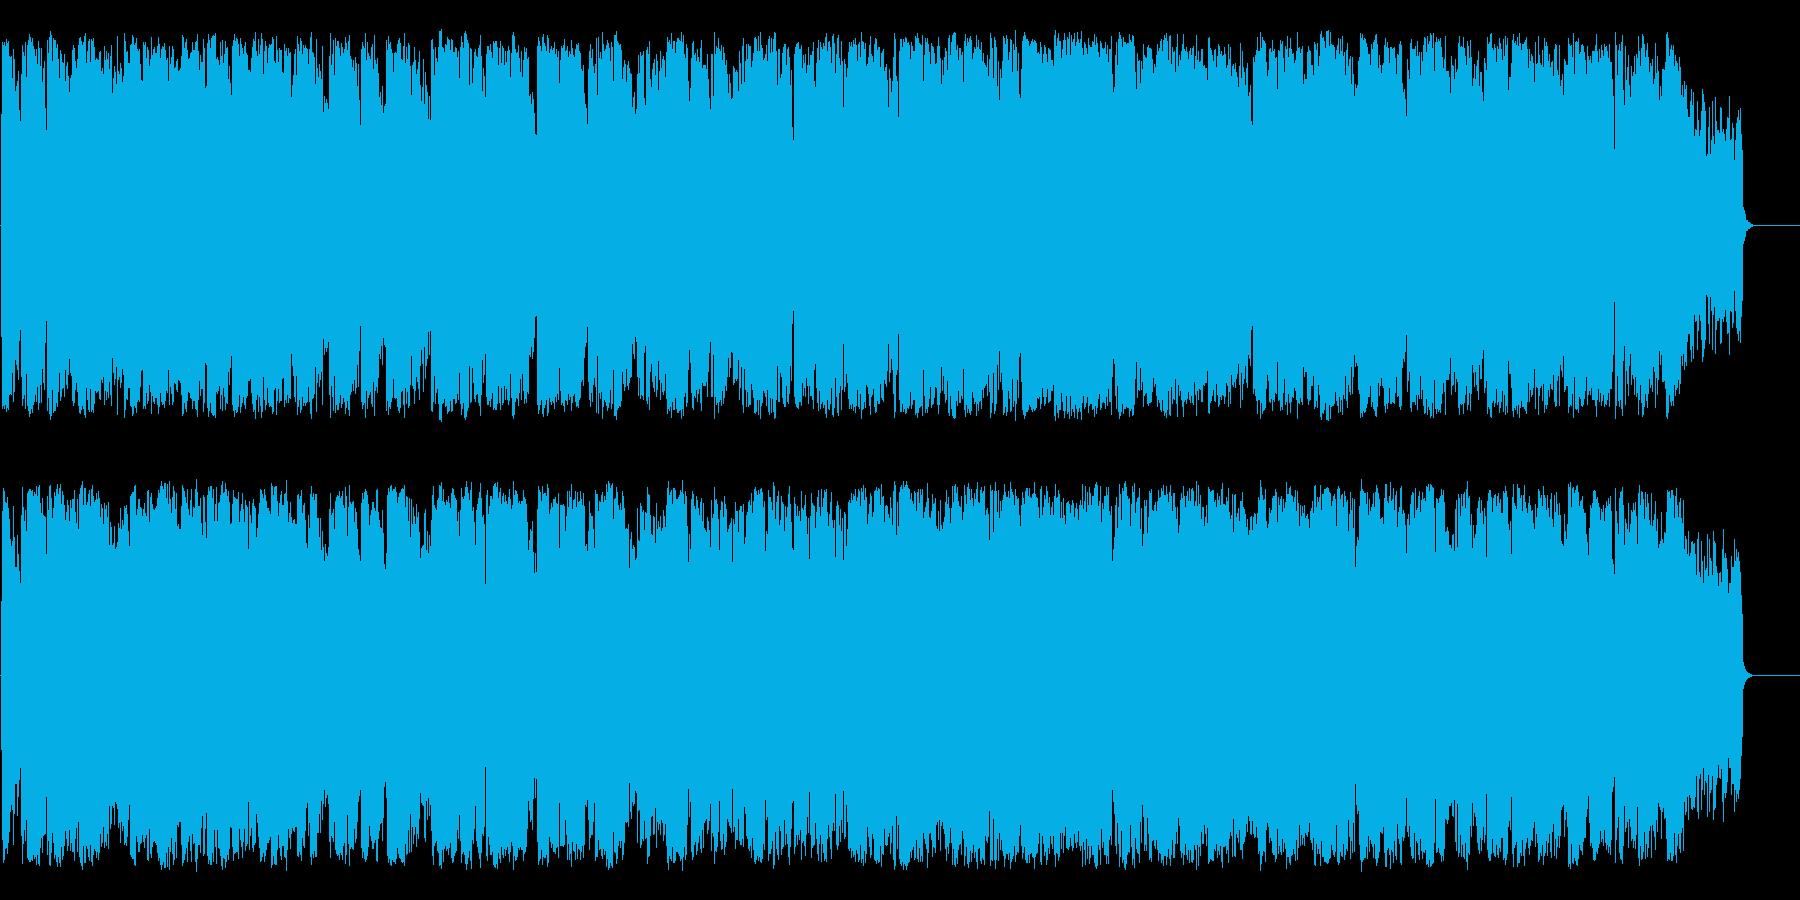 淡々として不思議な雰囲気のムード音楽の再生済みの波形